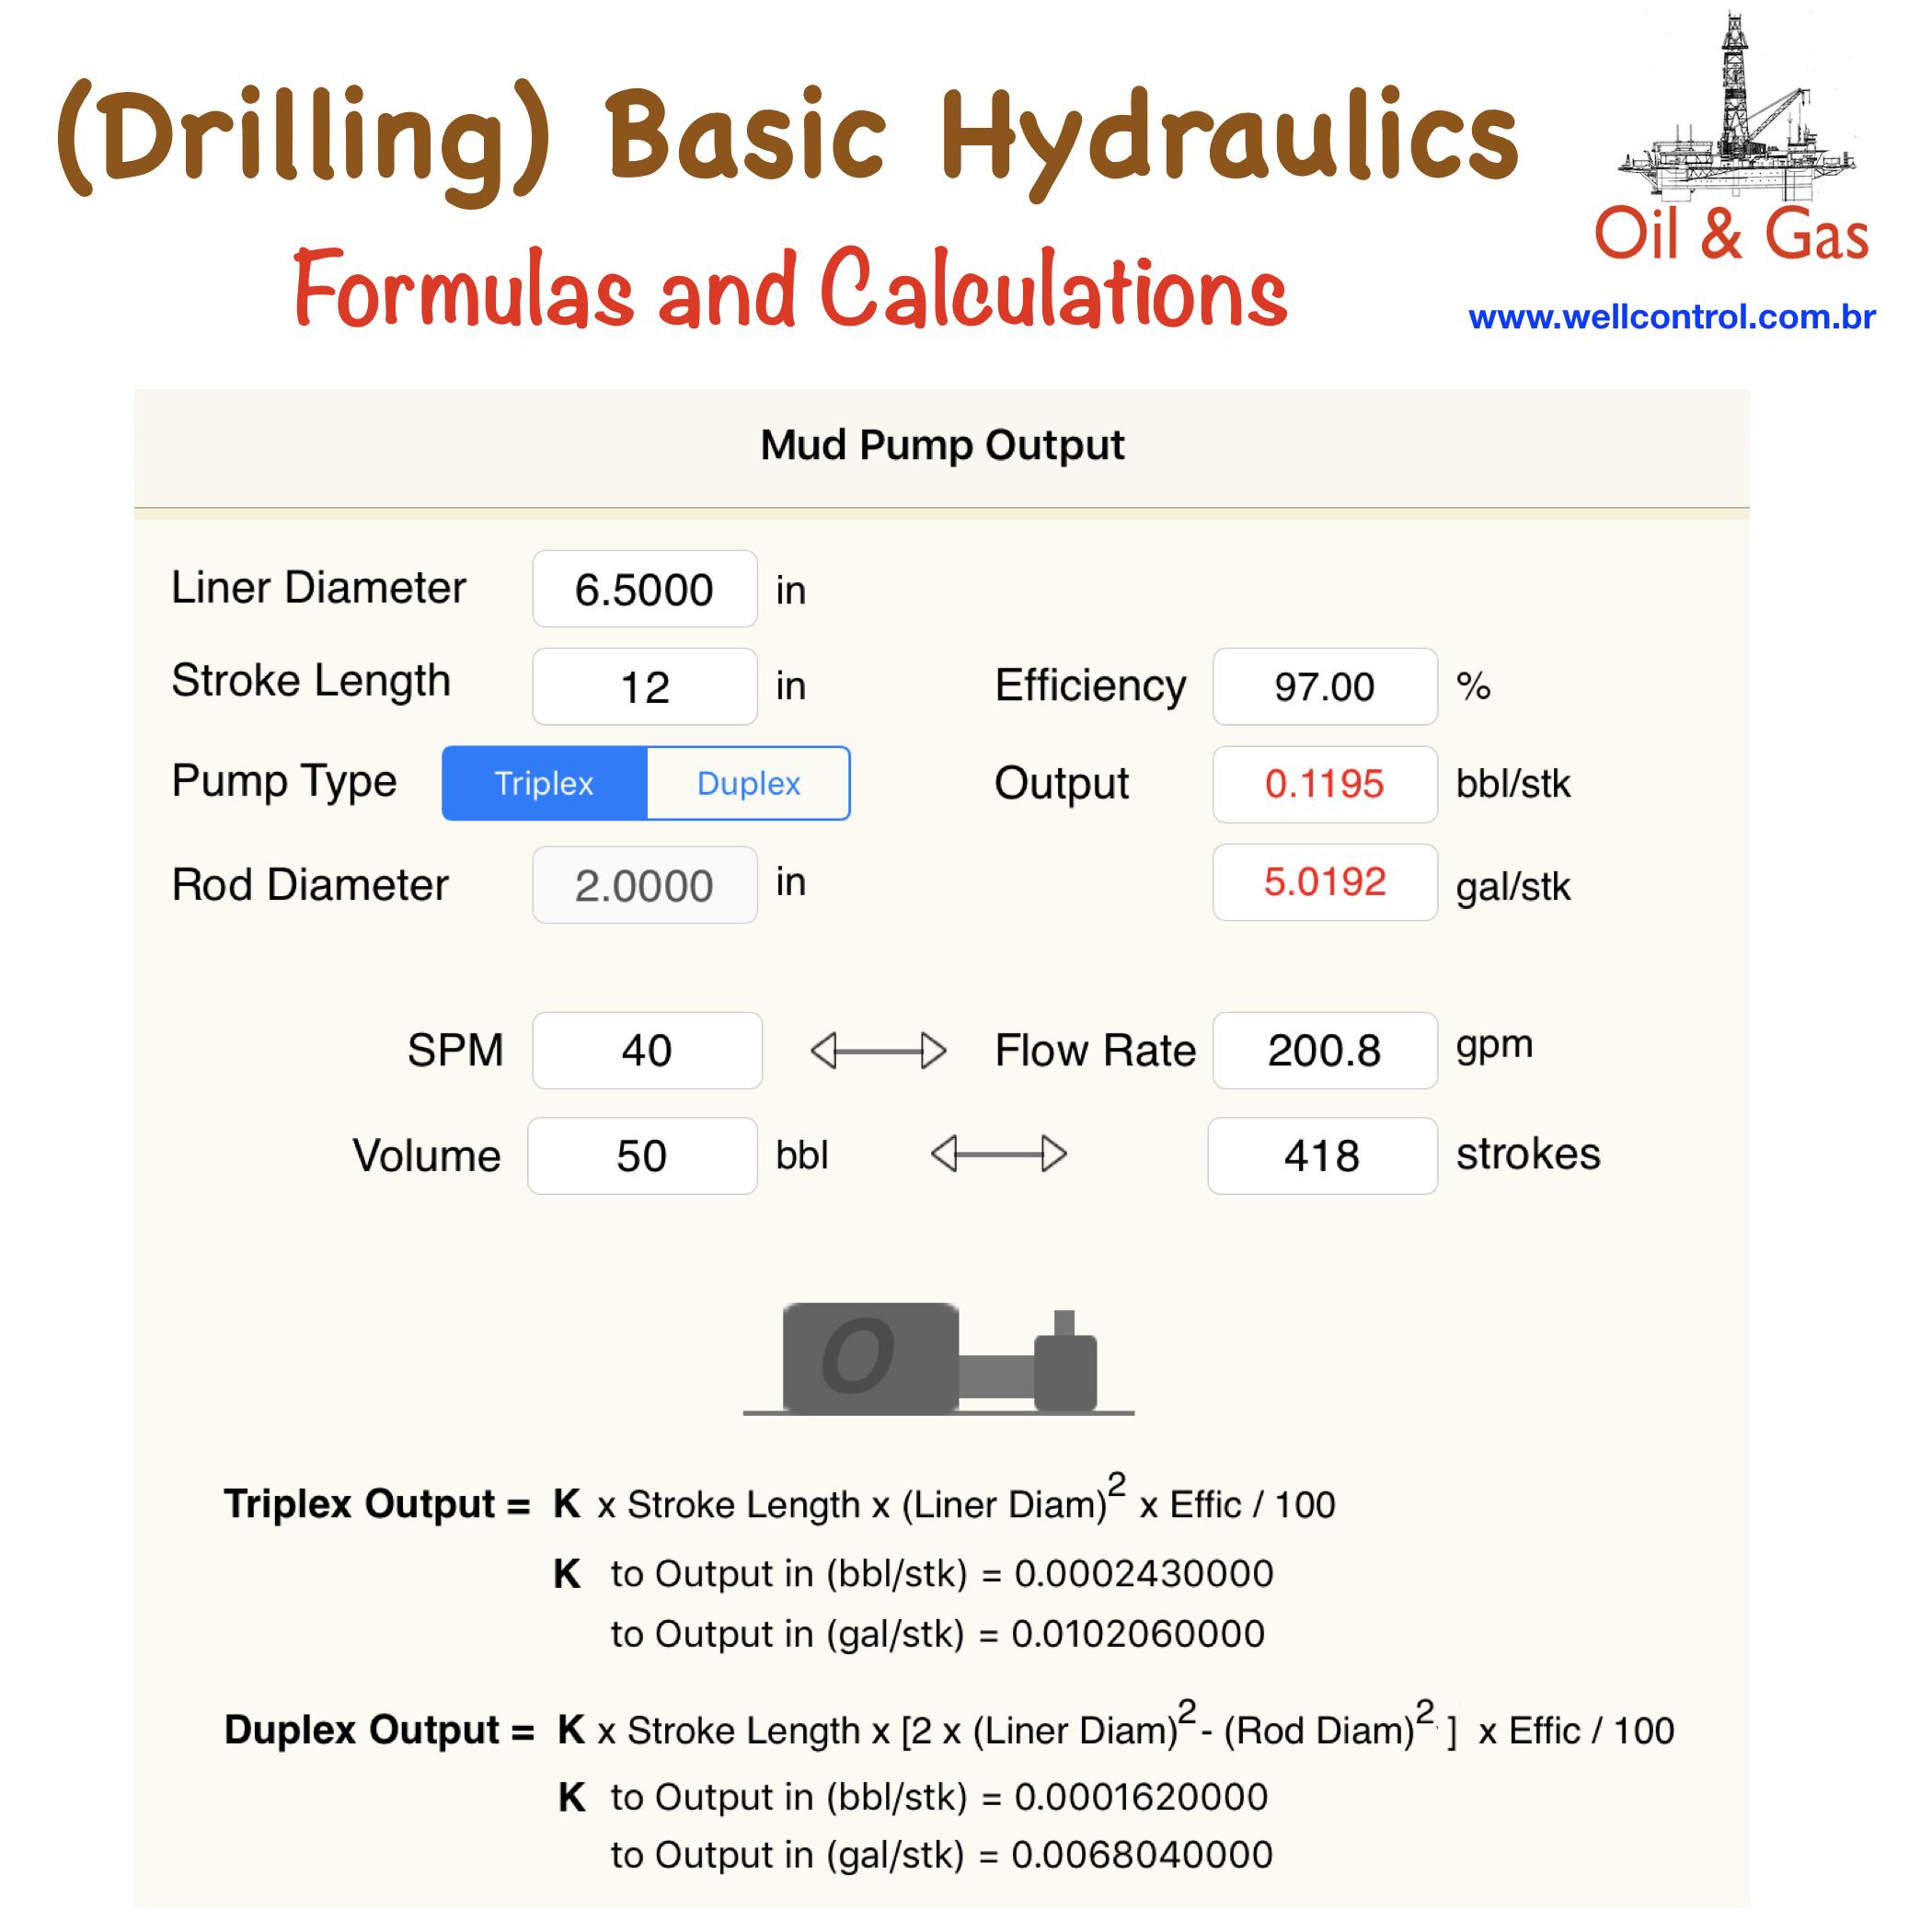 hydraulics_21_05